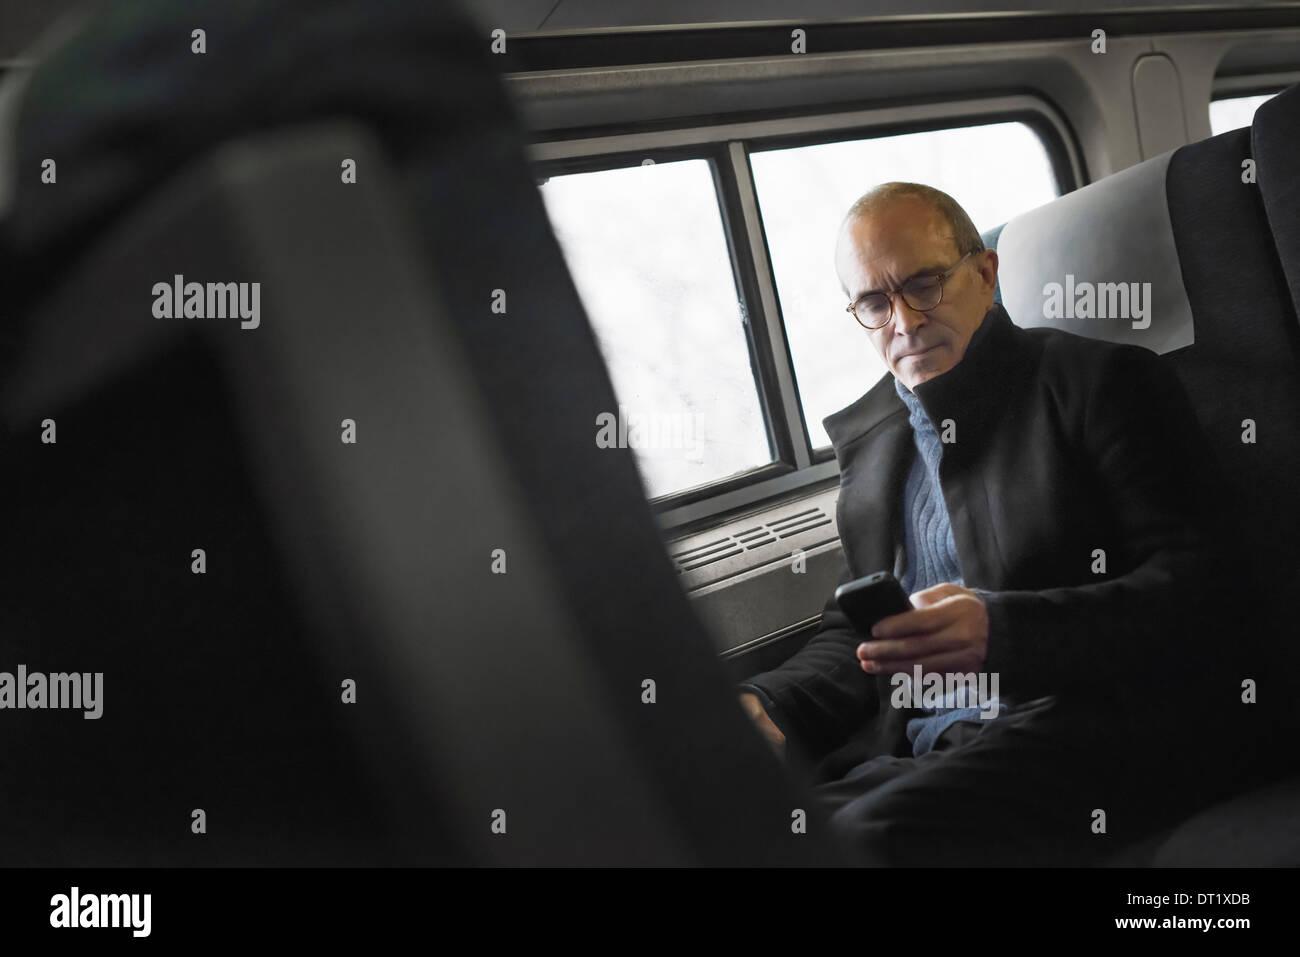 Un uomo maturo seduto da una finestra in una carrozza del treno utilizzando il suo telefono cellulare mantenendo in contatto in movimento Immagini Stock